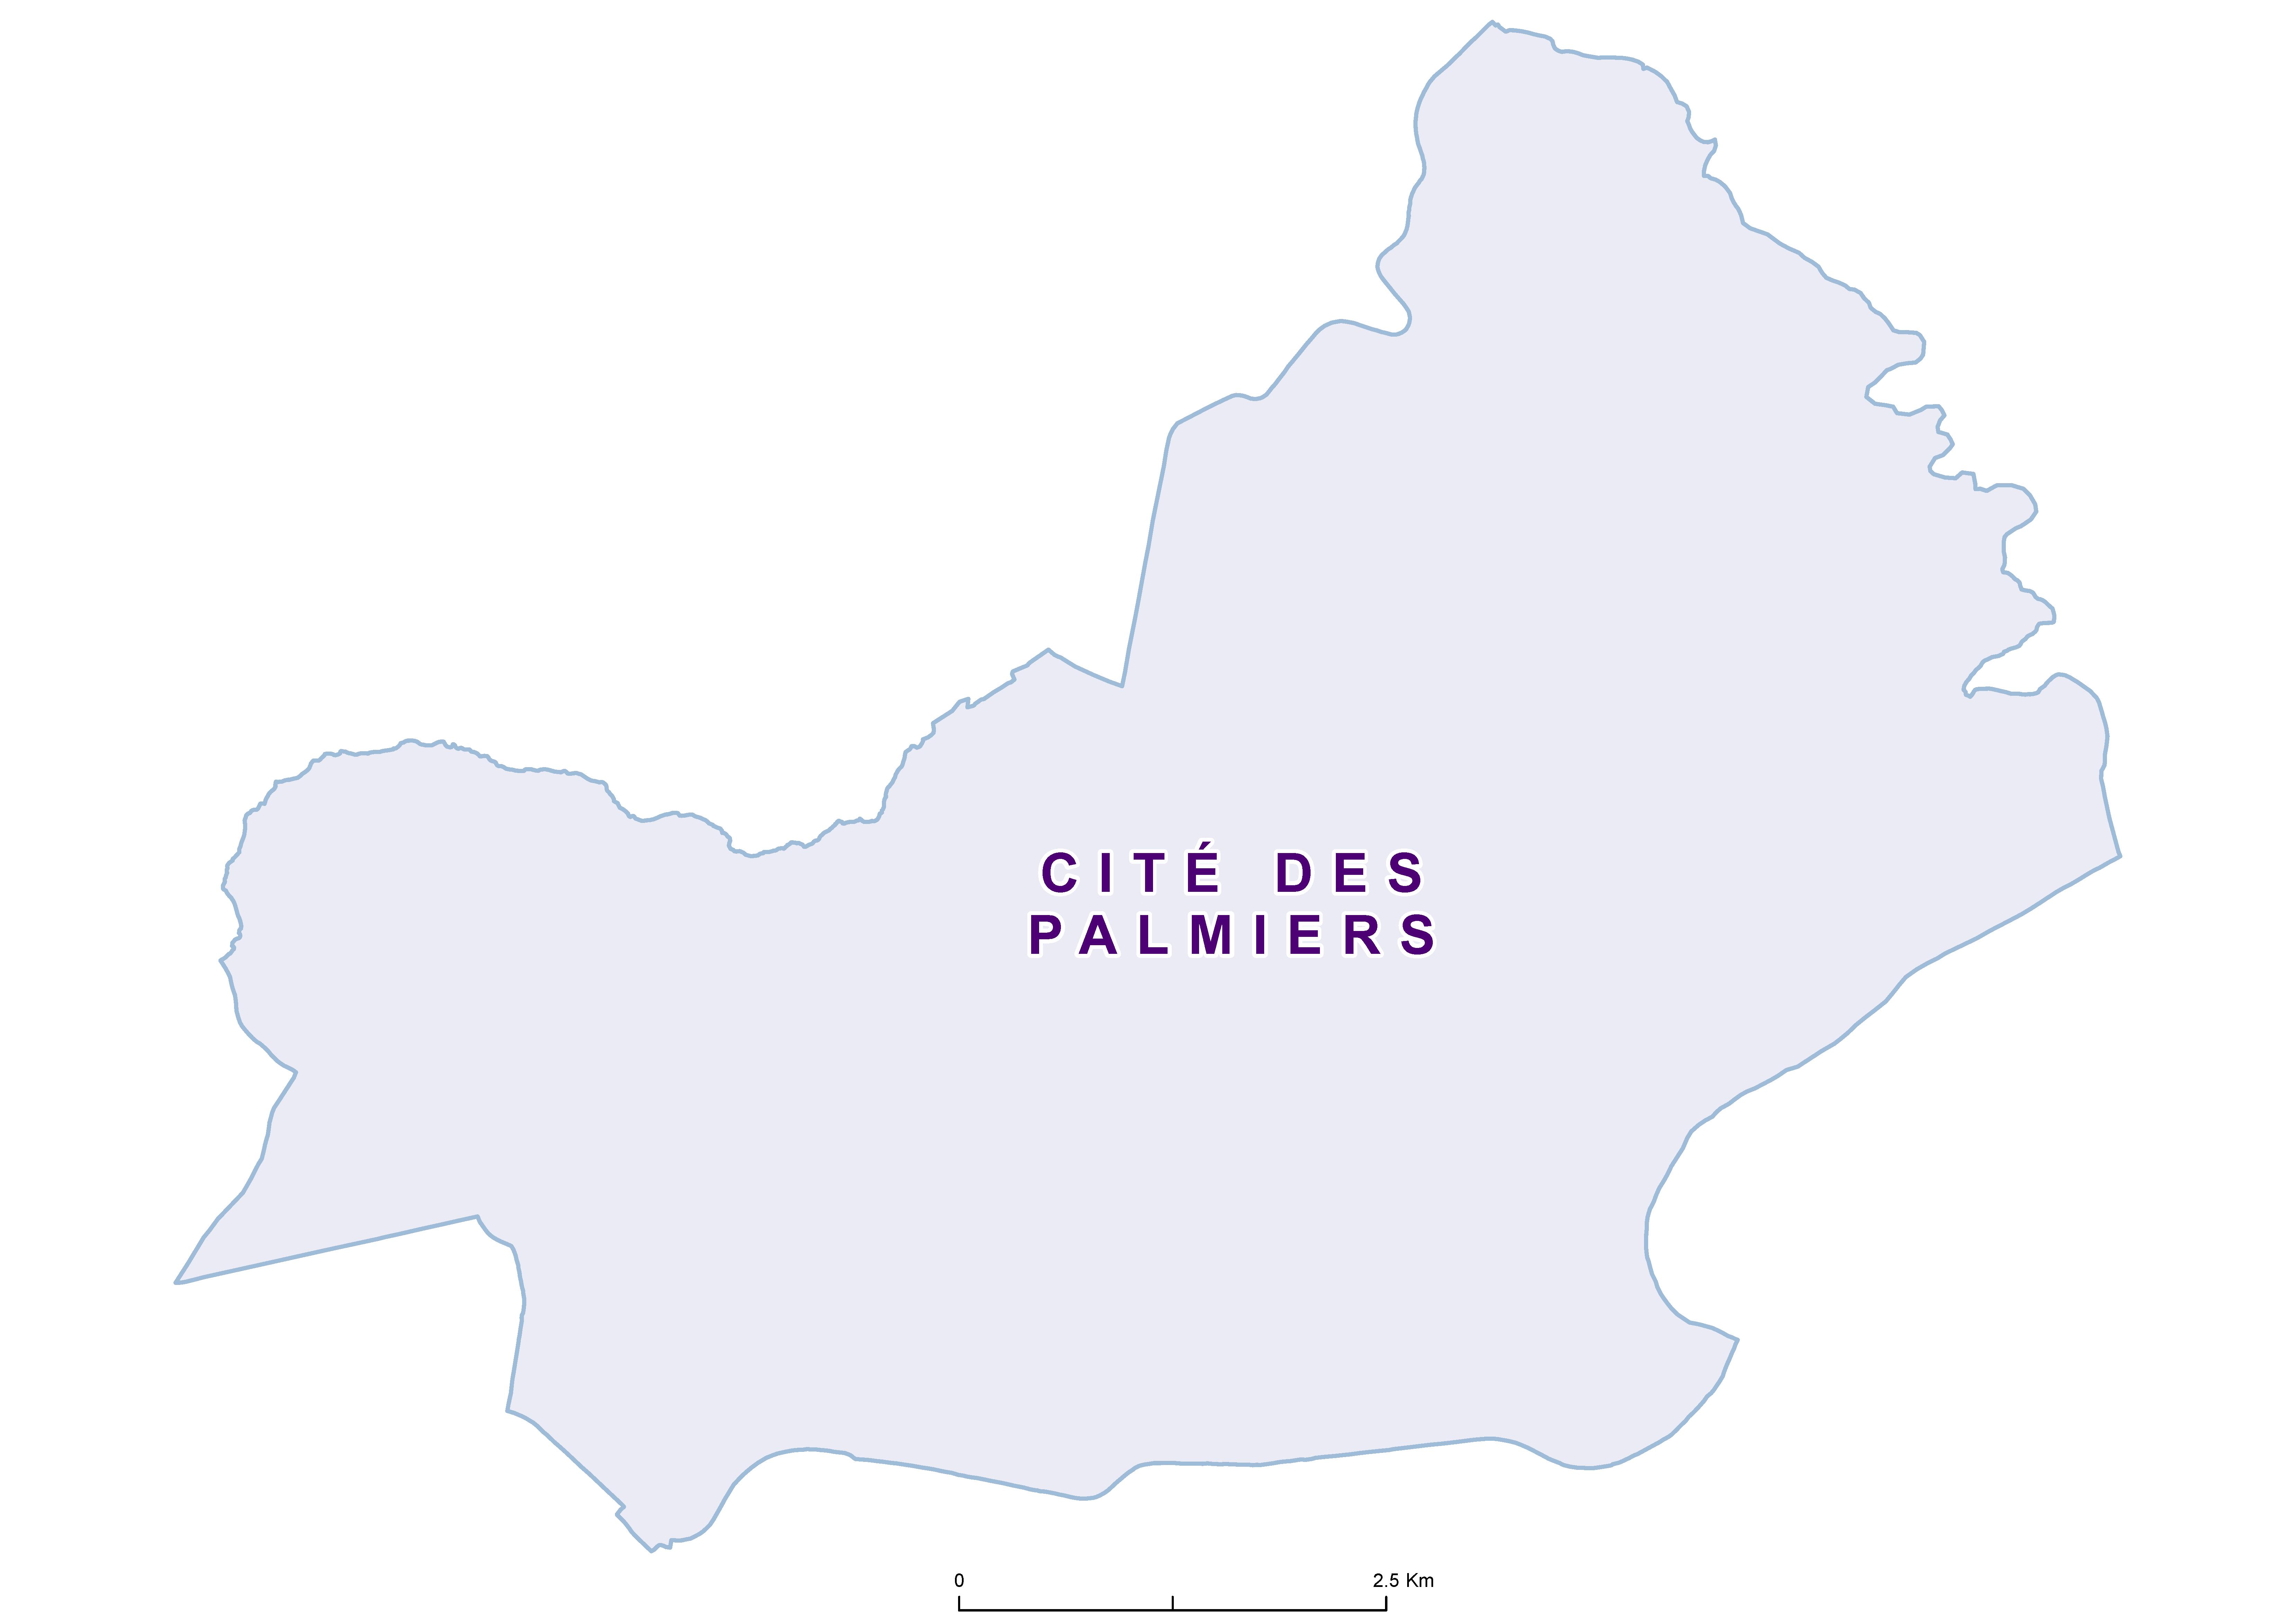 Cité des palmiers Mean SCH 20180001